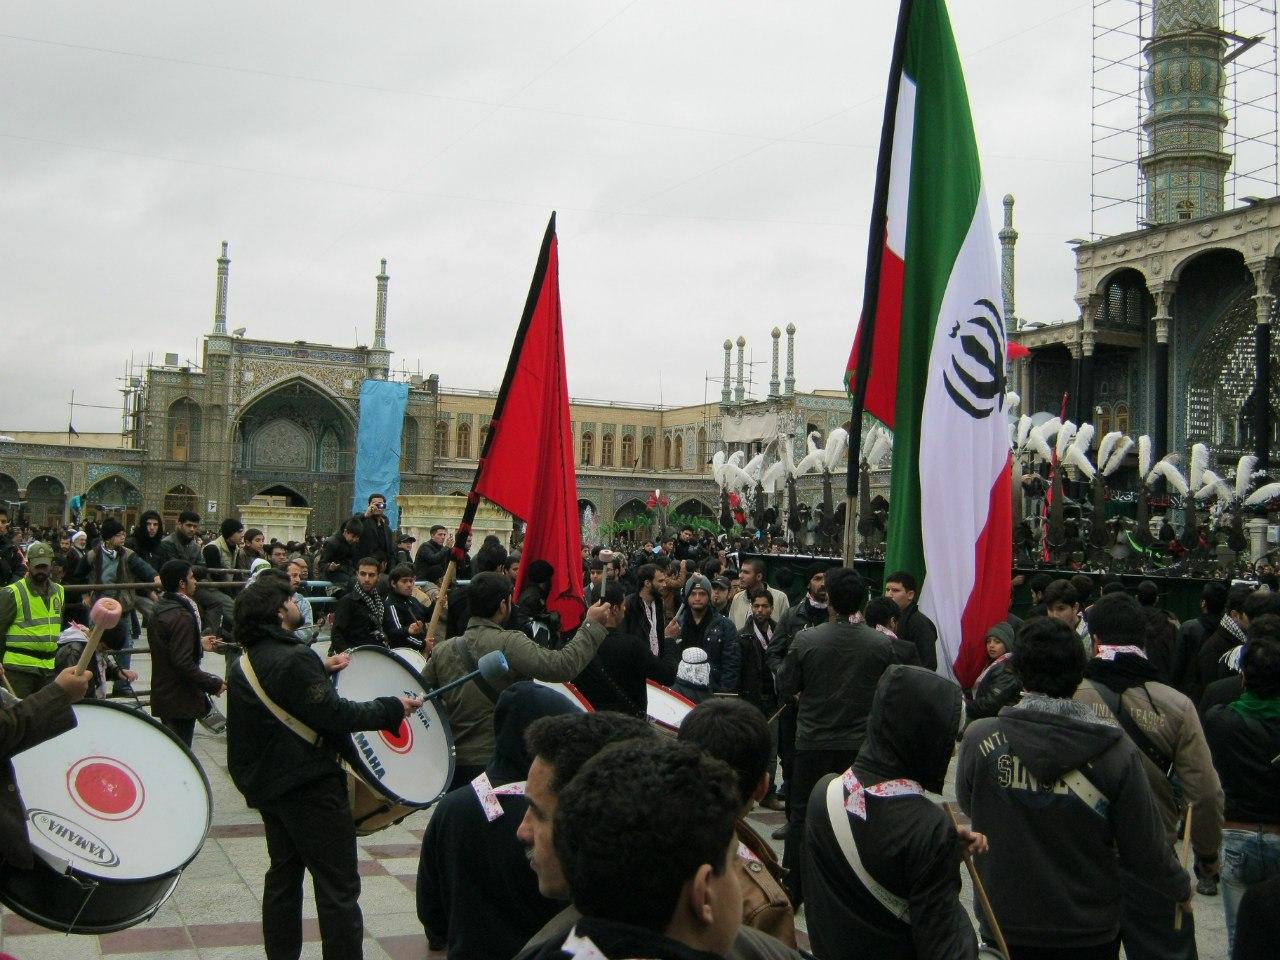 дни памяти Али Хуссейна